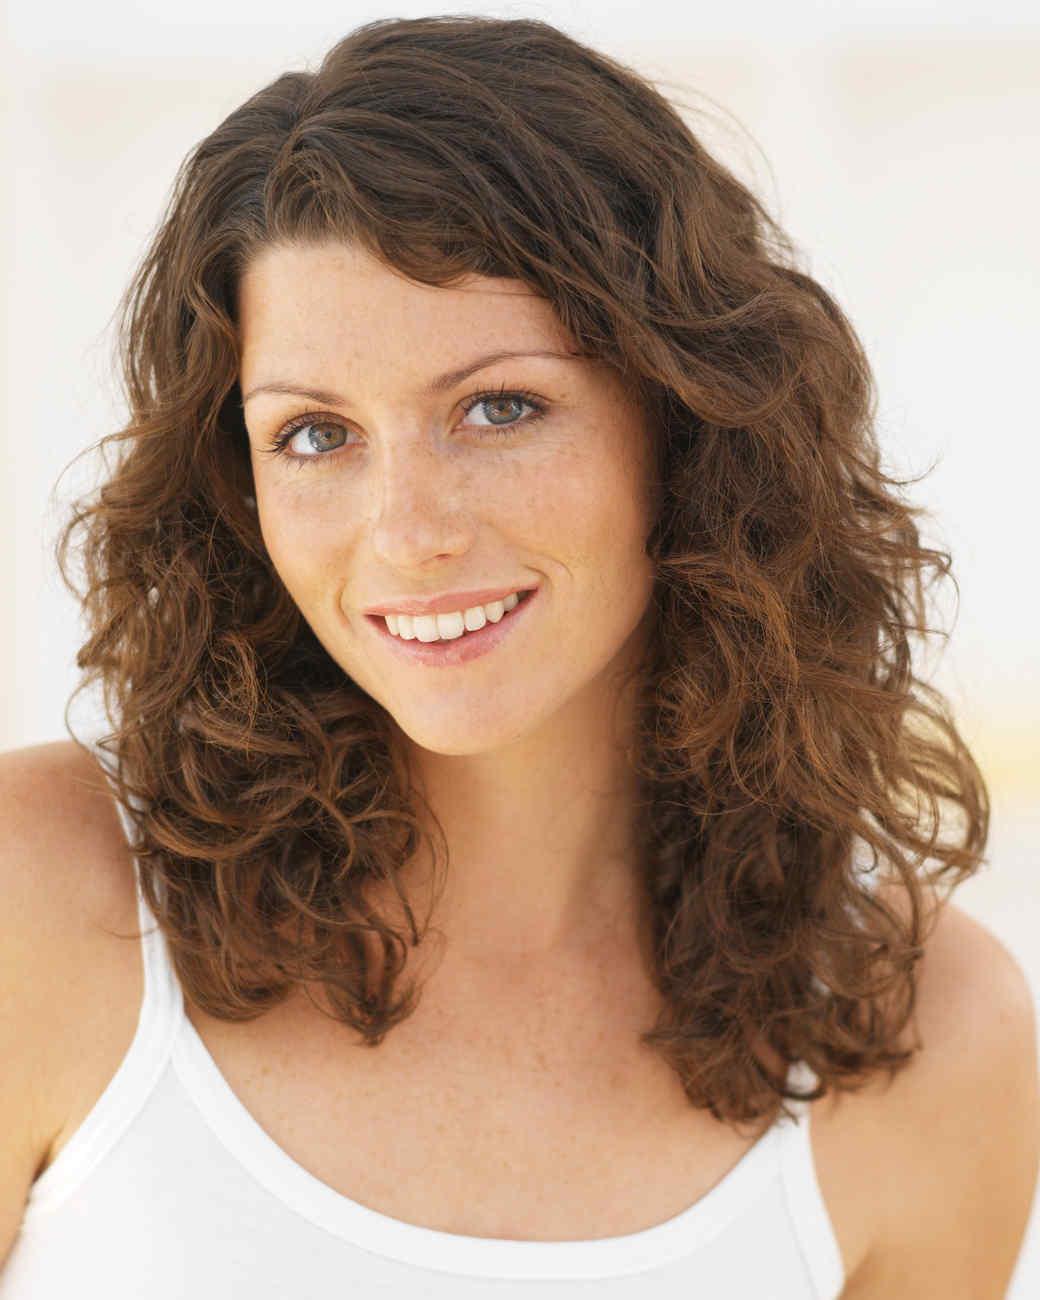 bc-hair-curly-6-skd259466sdc.jpg